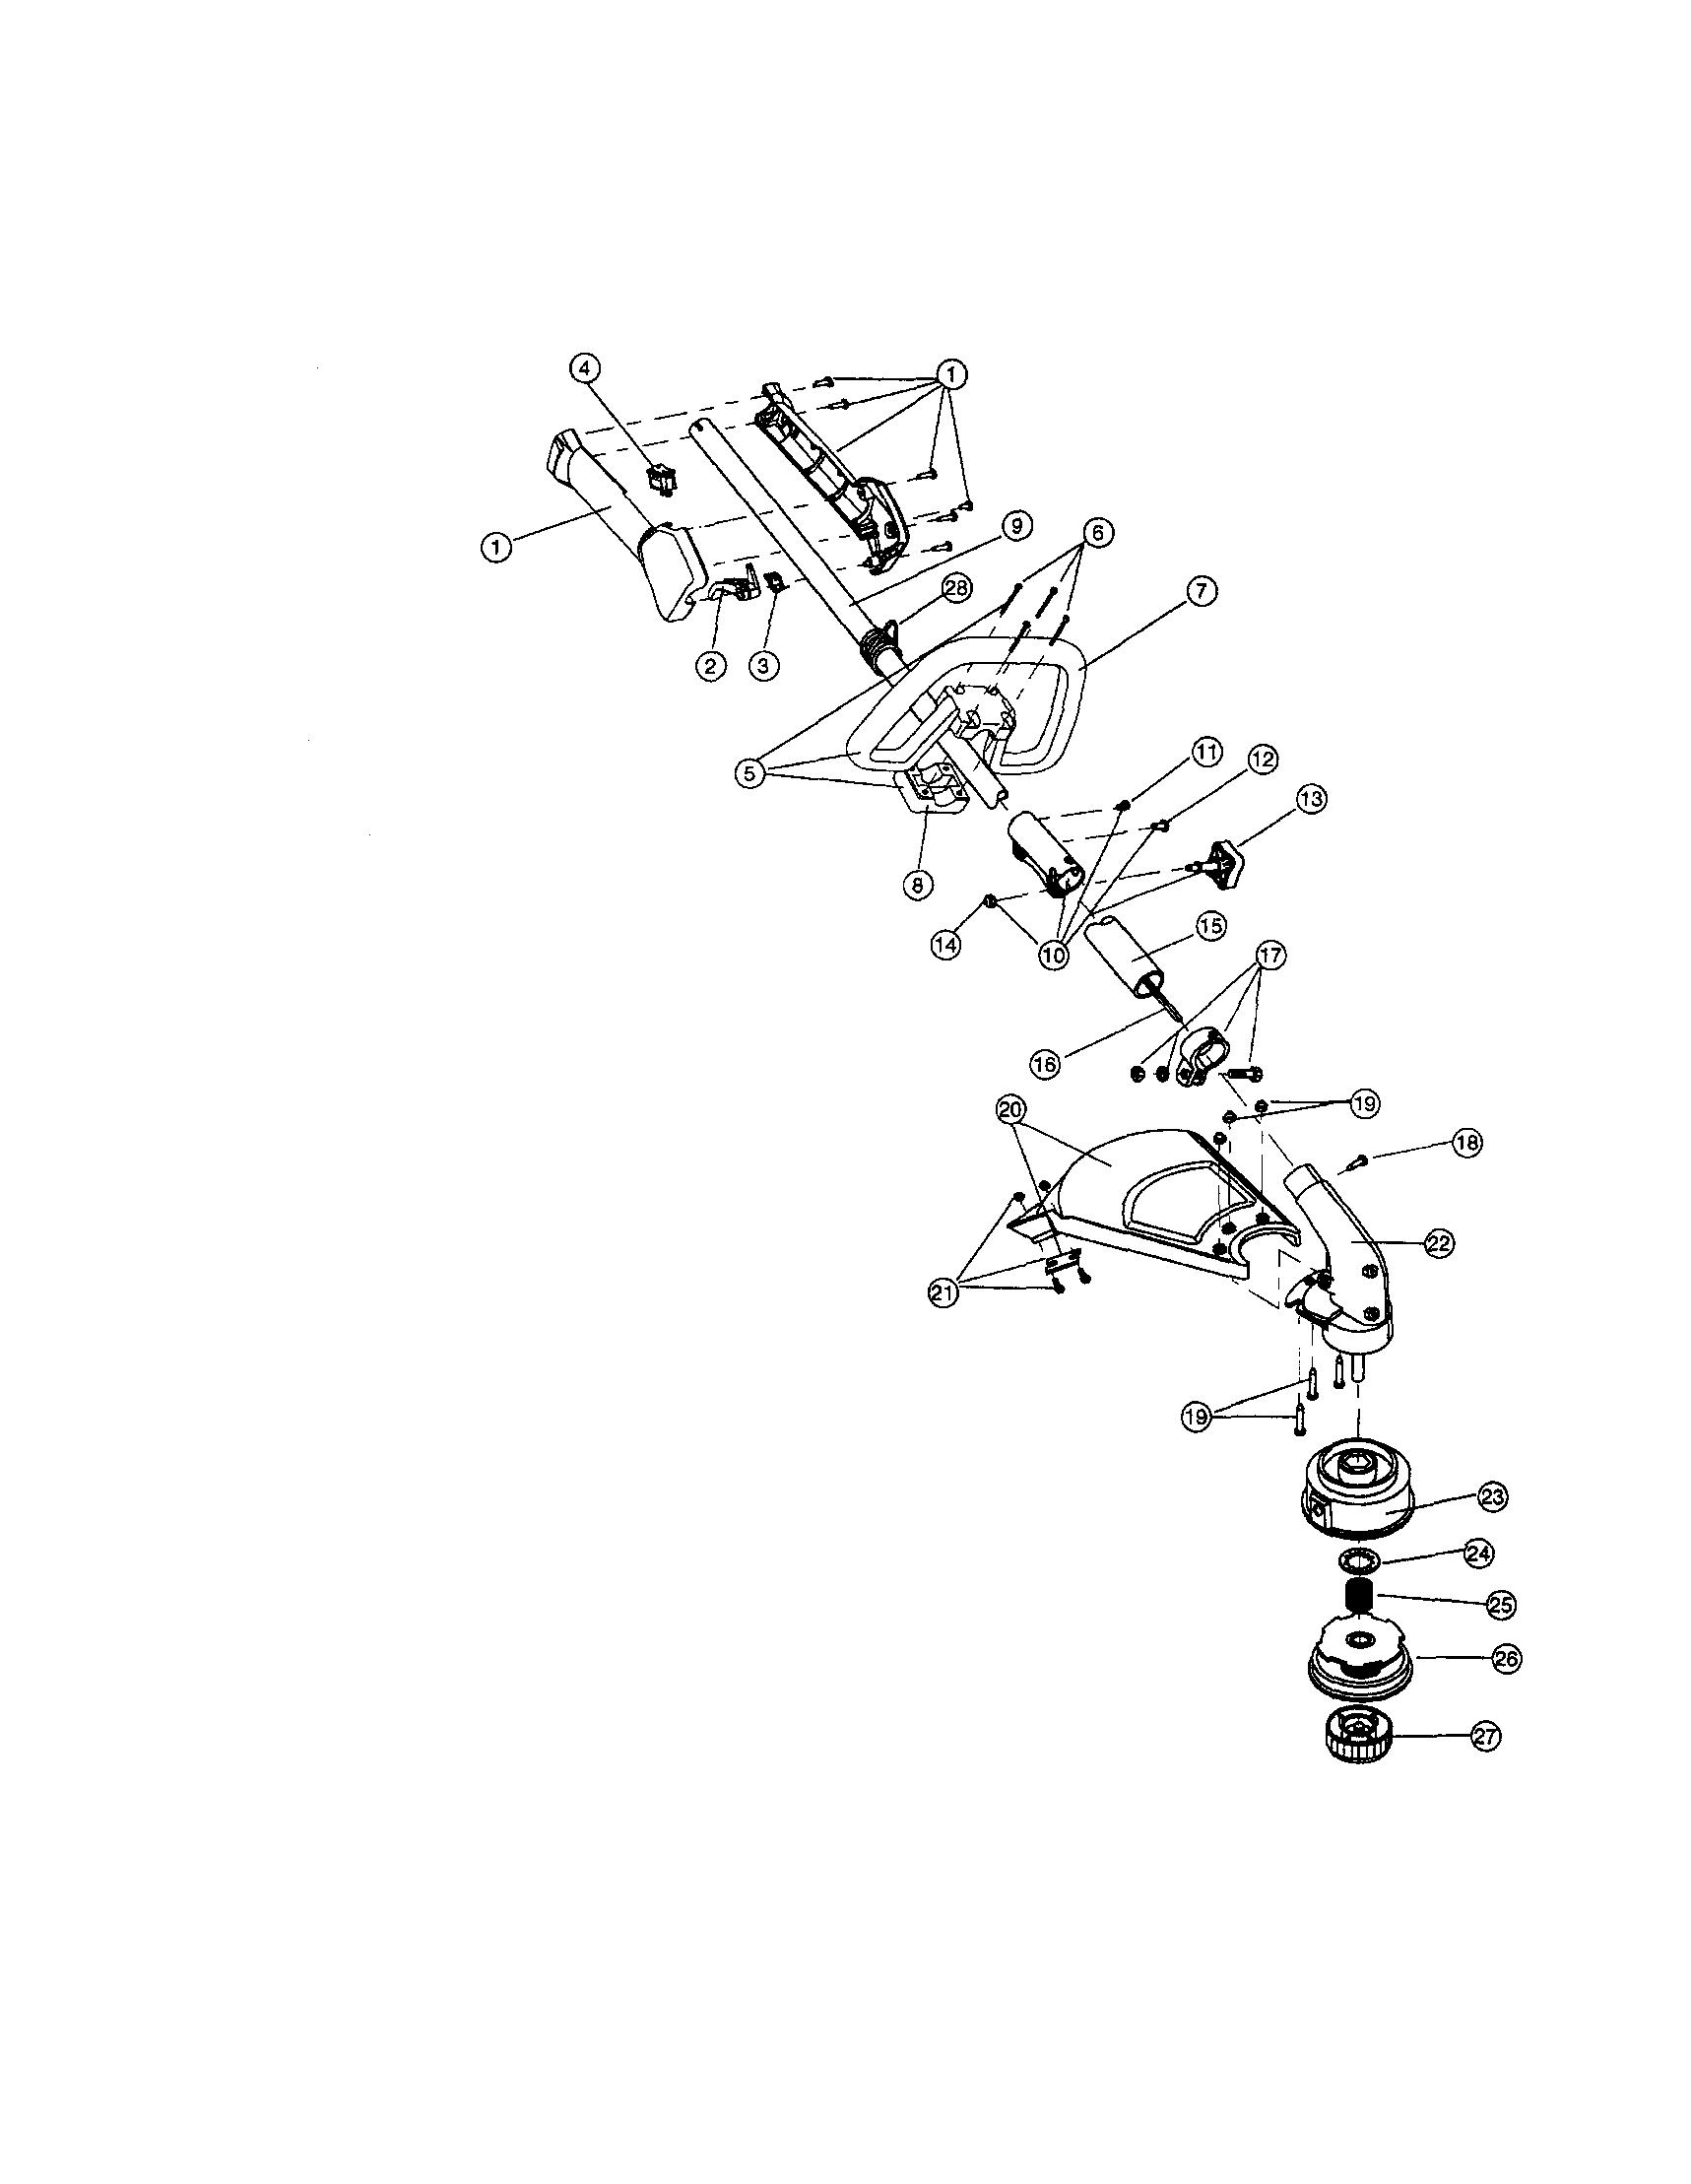 51948 owners manual toro model 51948